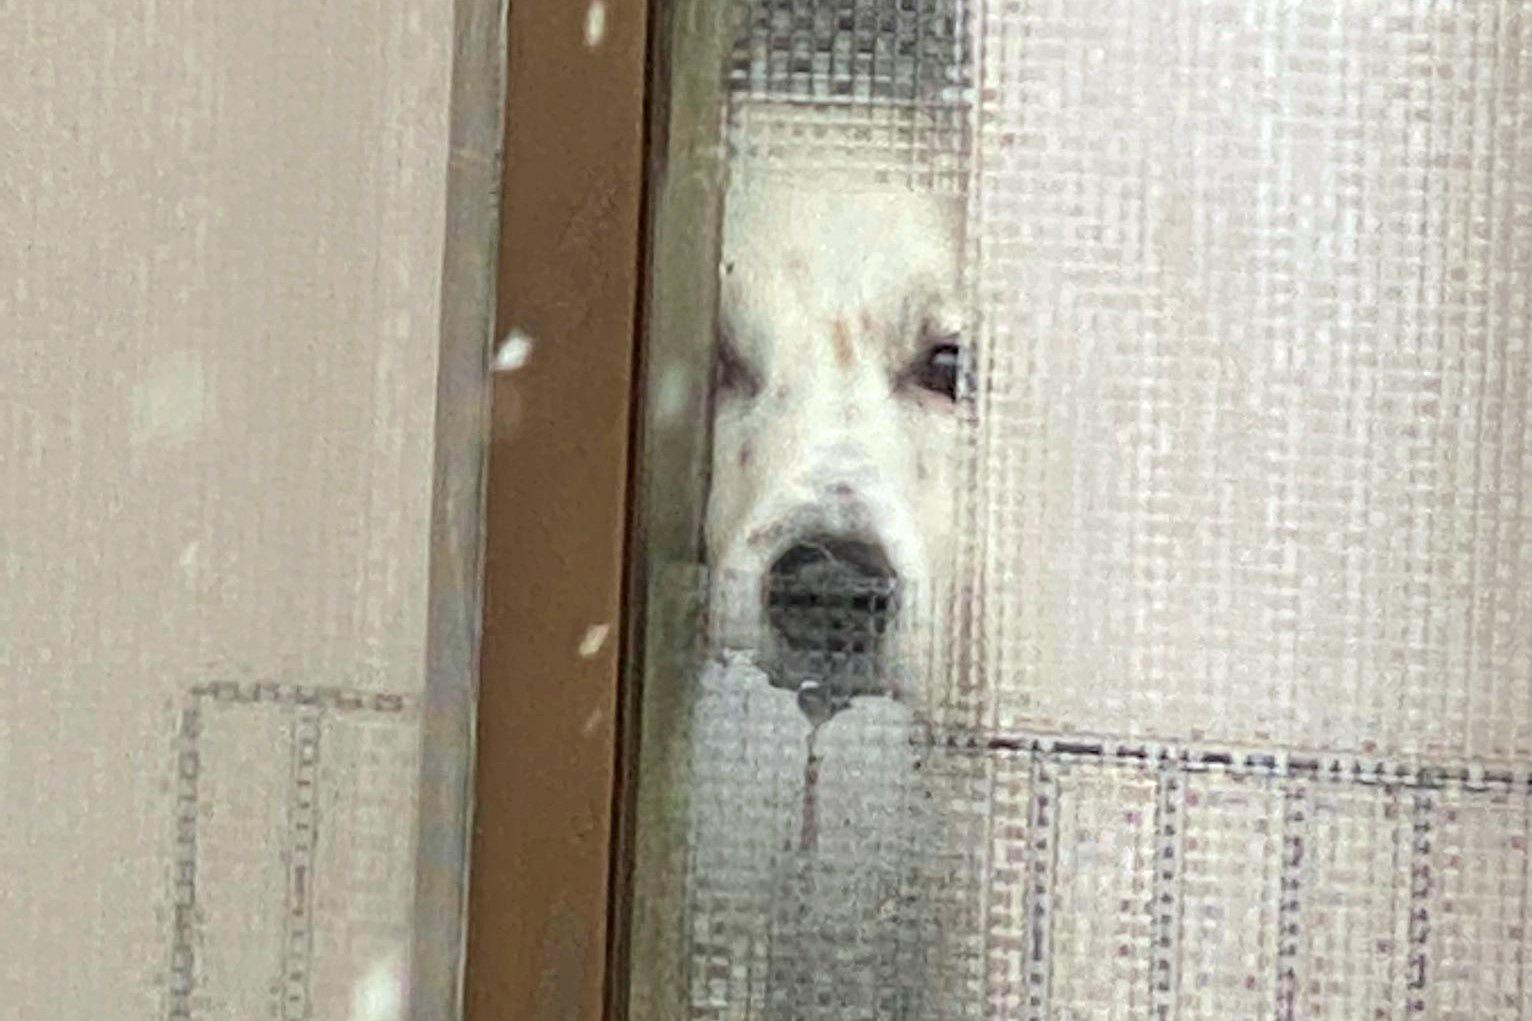 目力が強い元保護犬の「犬次郎(仮)」くん【写真提供:力工ルちゃん犬を飼う(@kaeruinukau)さん】